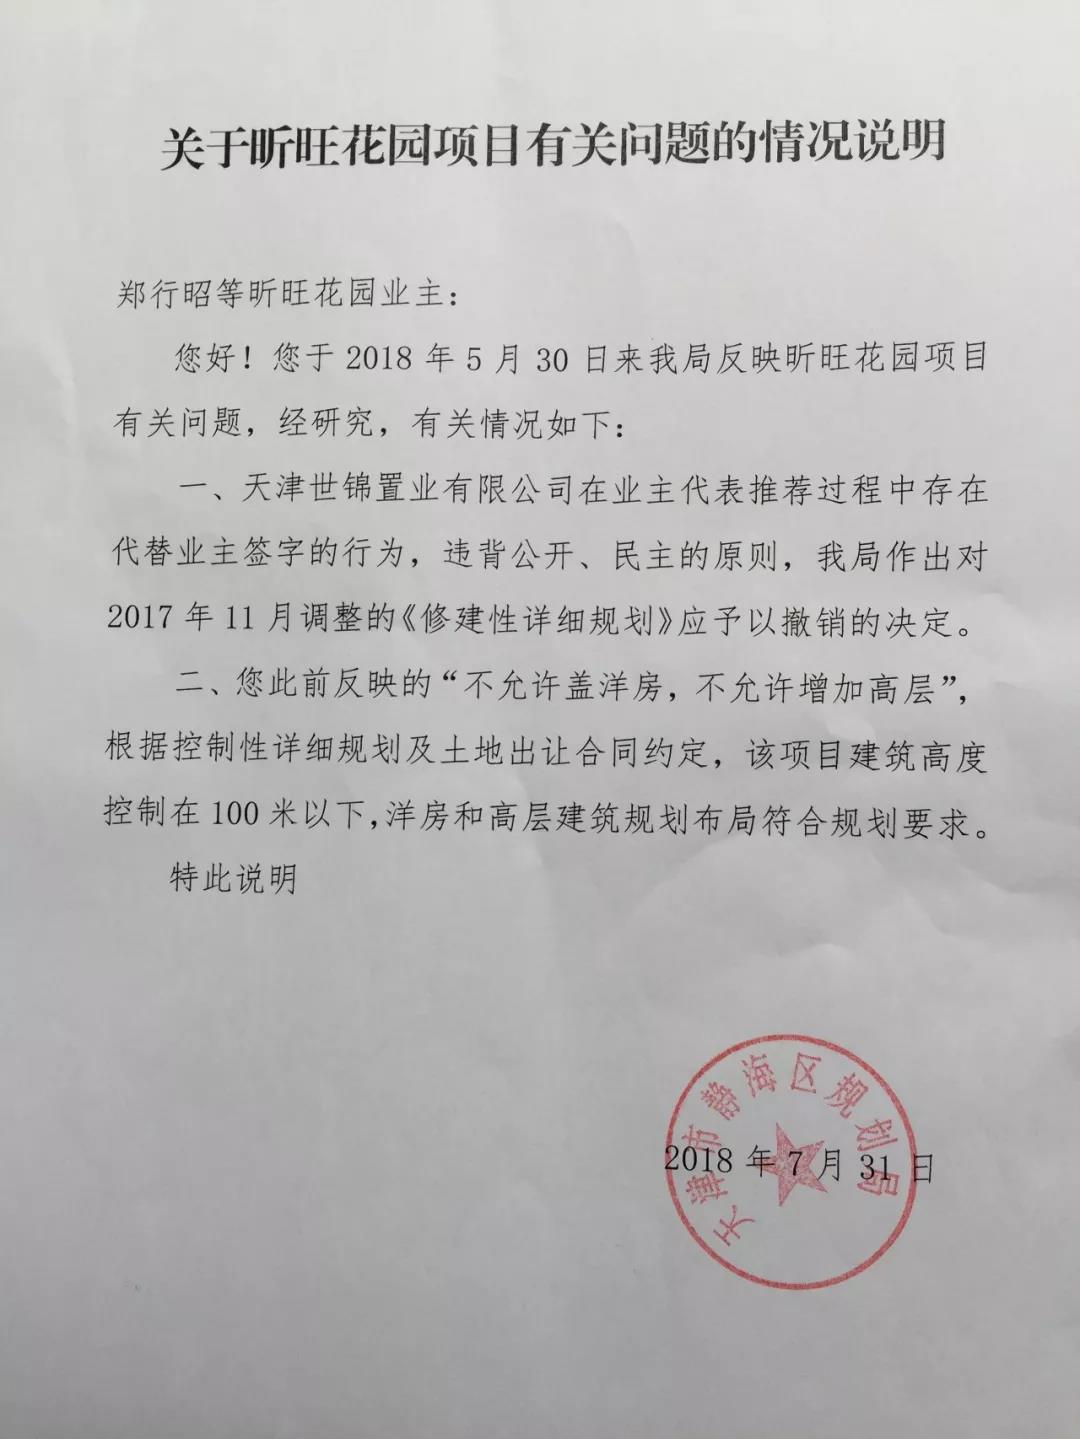 """三次变规激起拉锯战 """"接盘侠""""天津新华集团的困局3.jpg"""